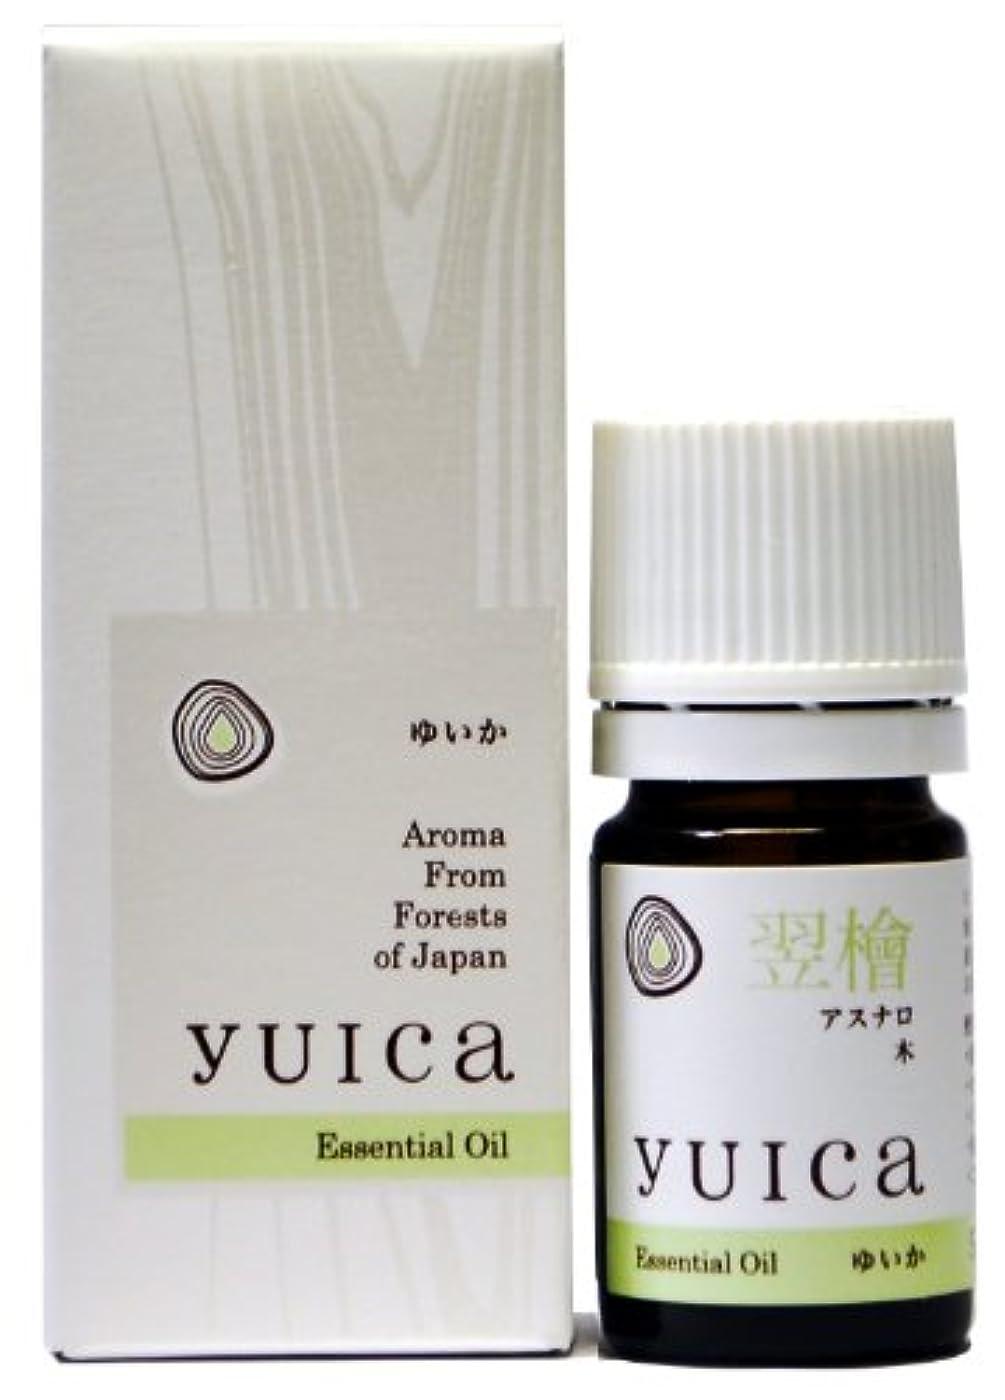 洗剤セラー詳細にyuica エッセンシャルオイル アスナロ(木部) 5mL